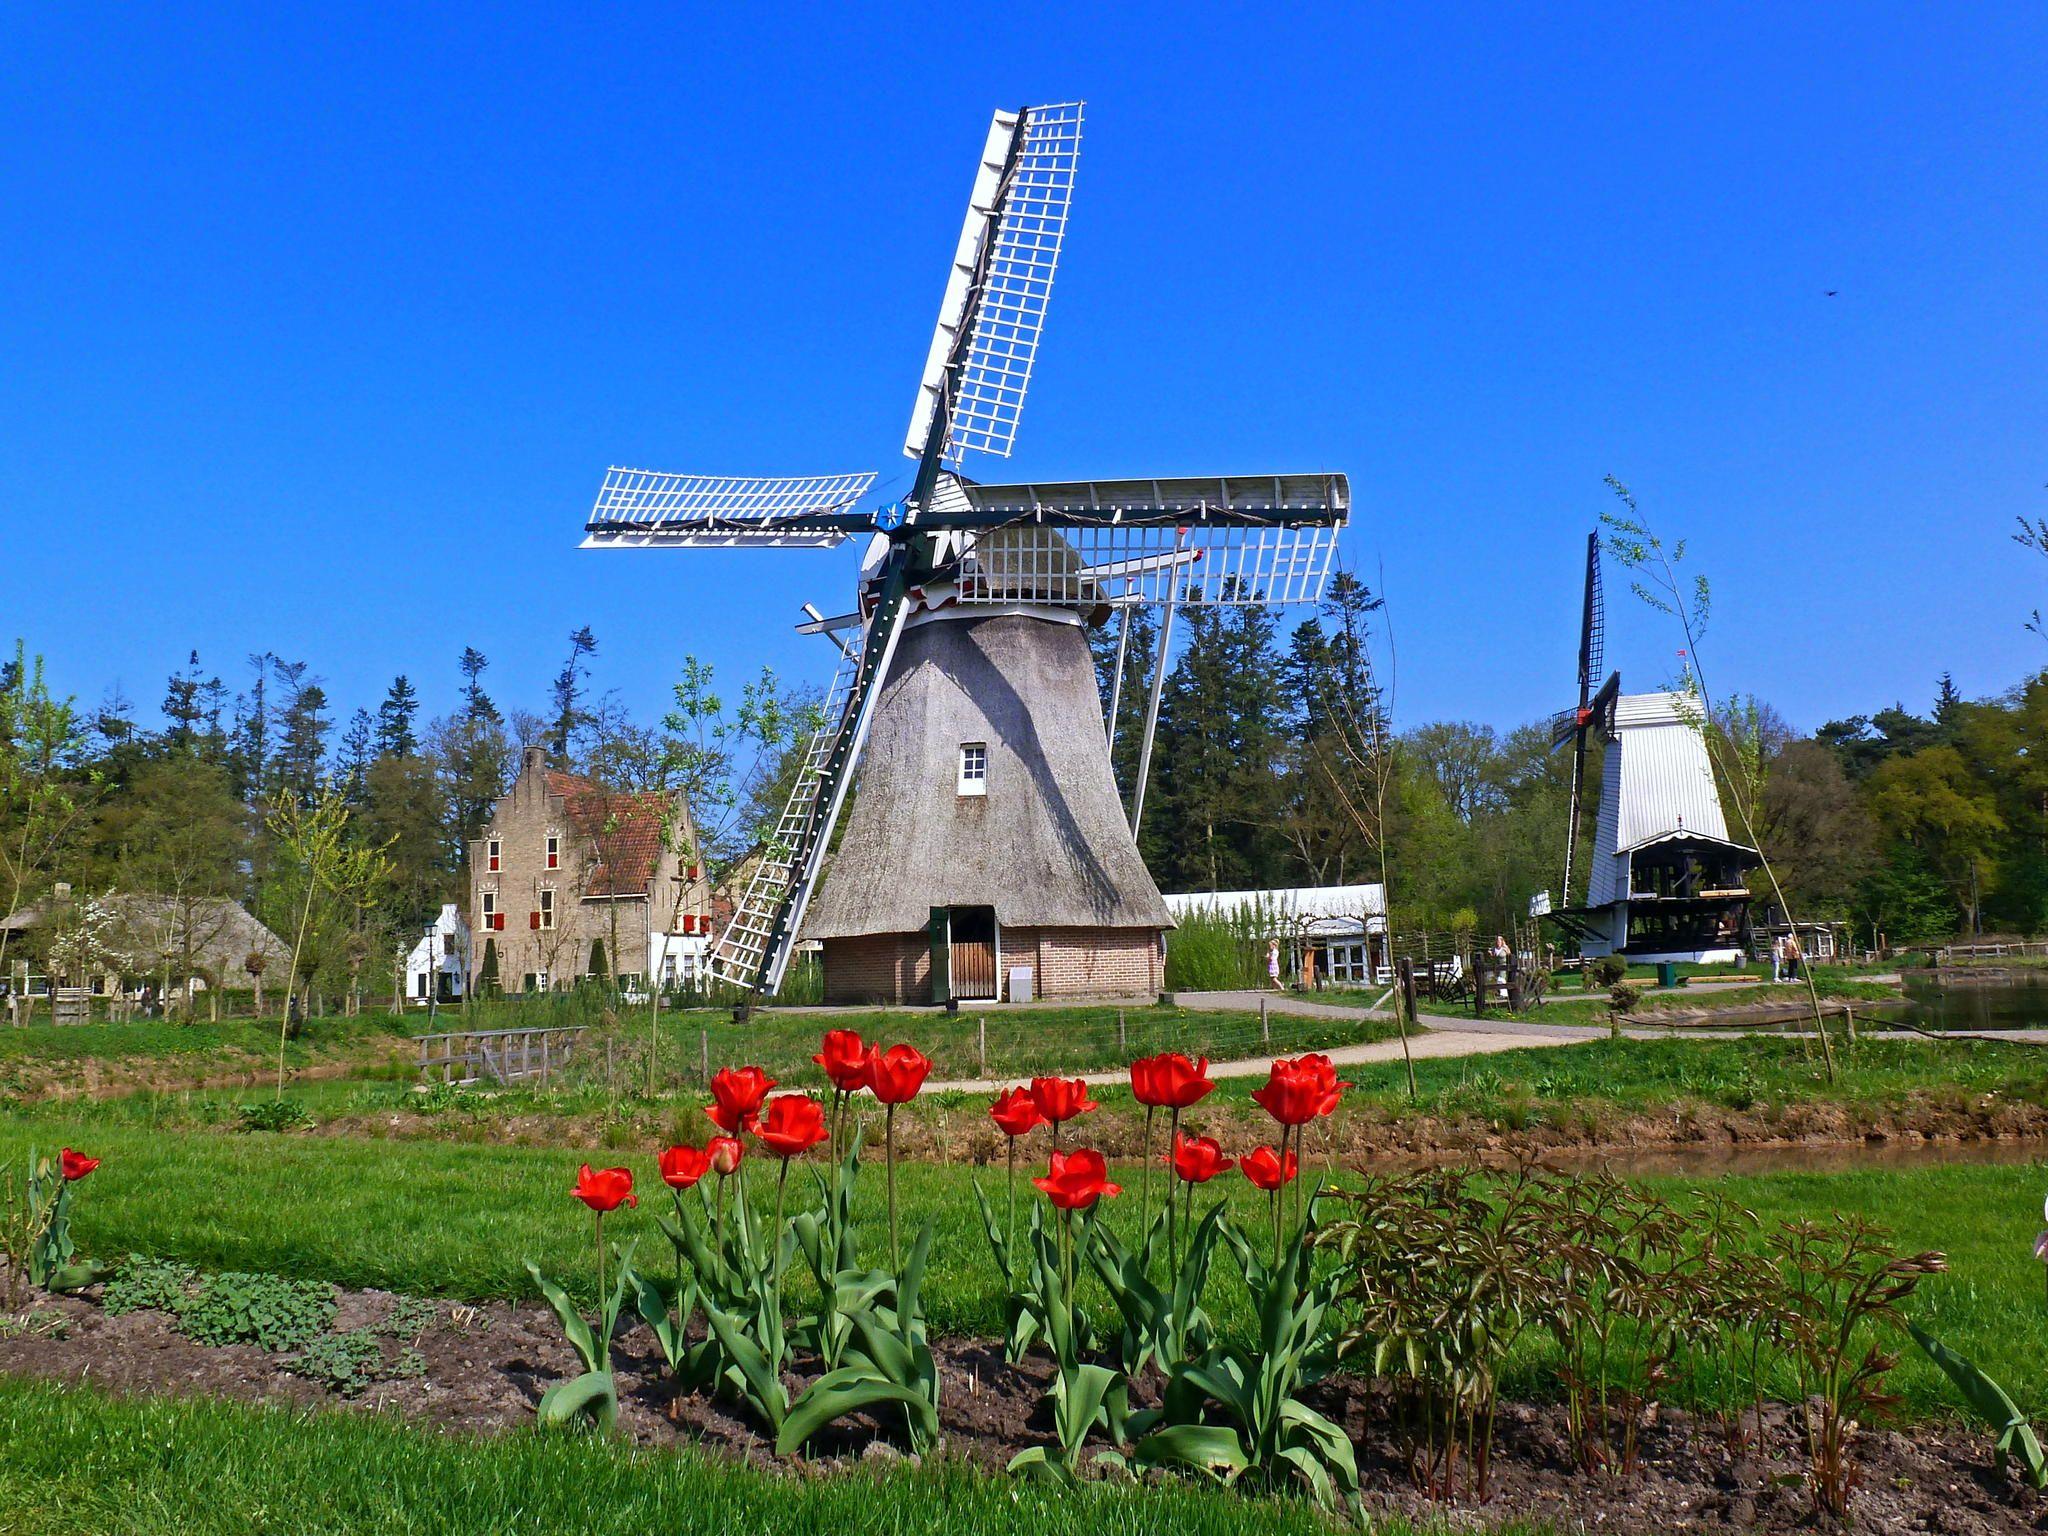 The Netherlands Open Air Museum (Dutch Nederlands